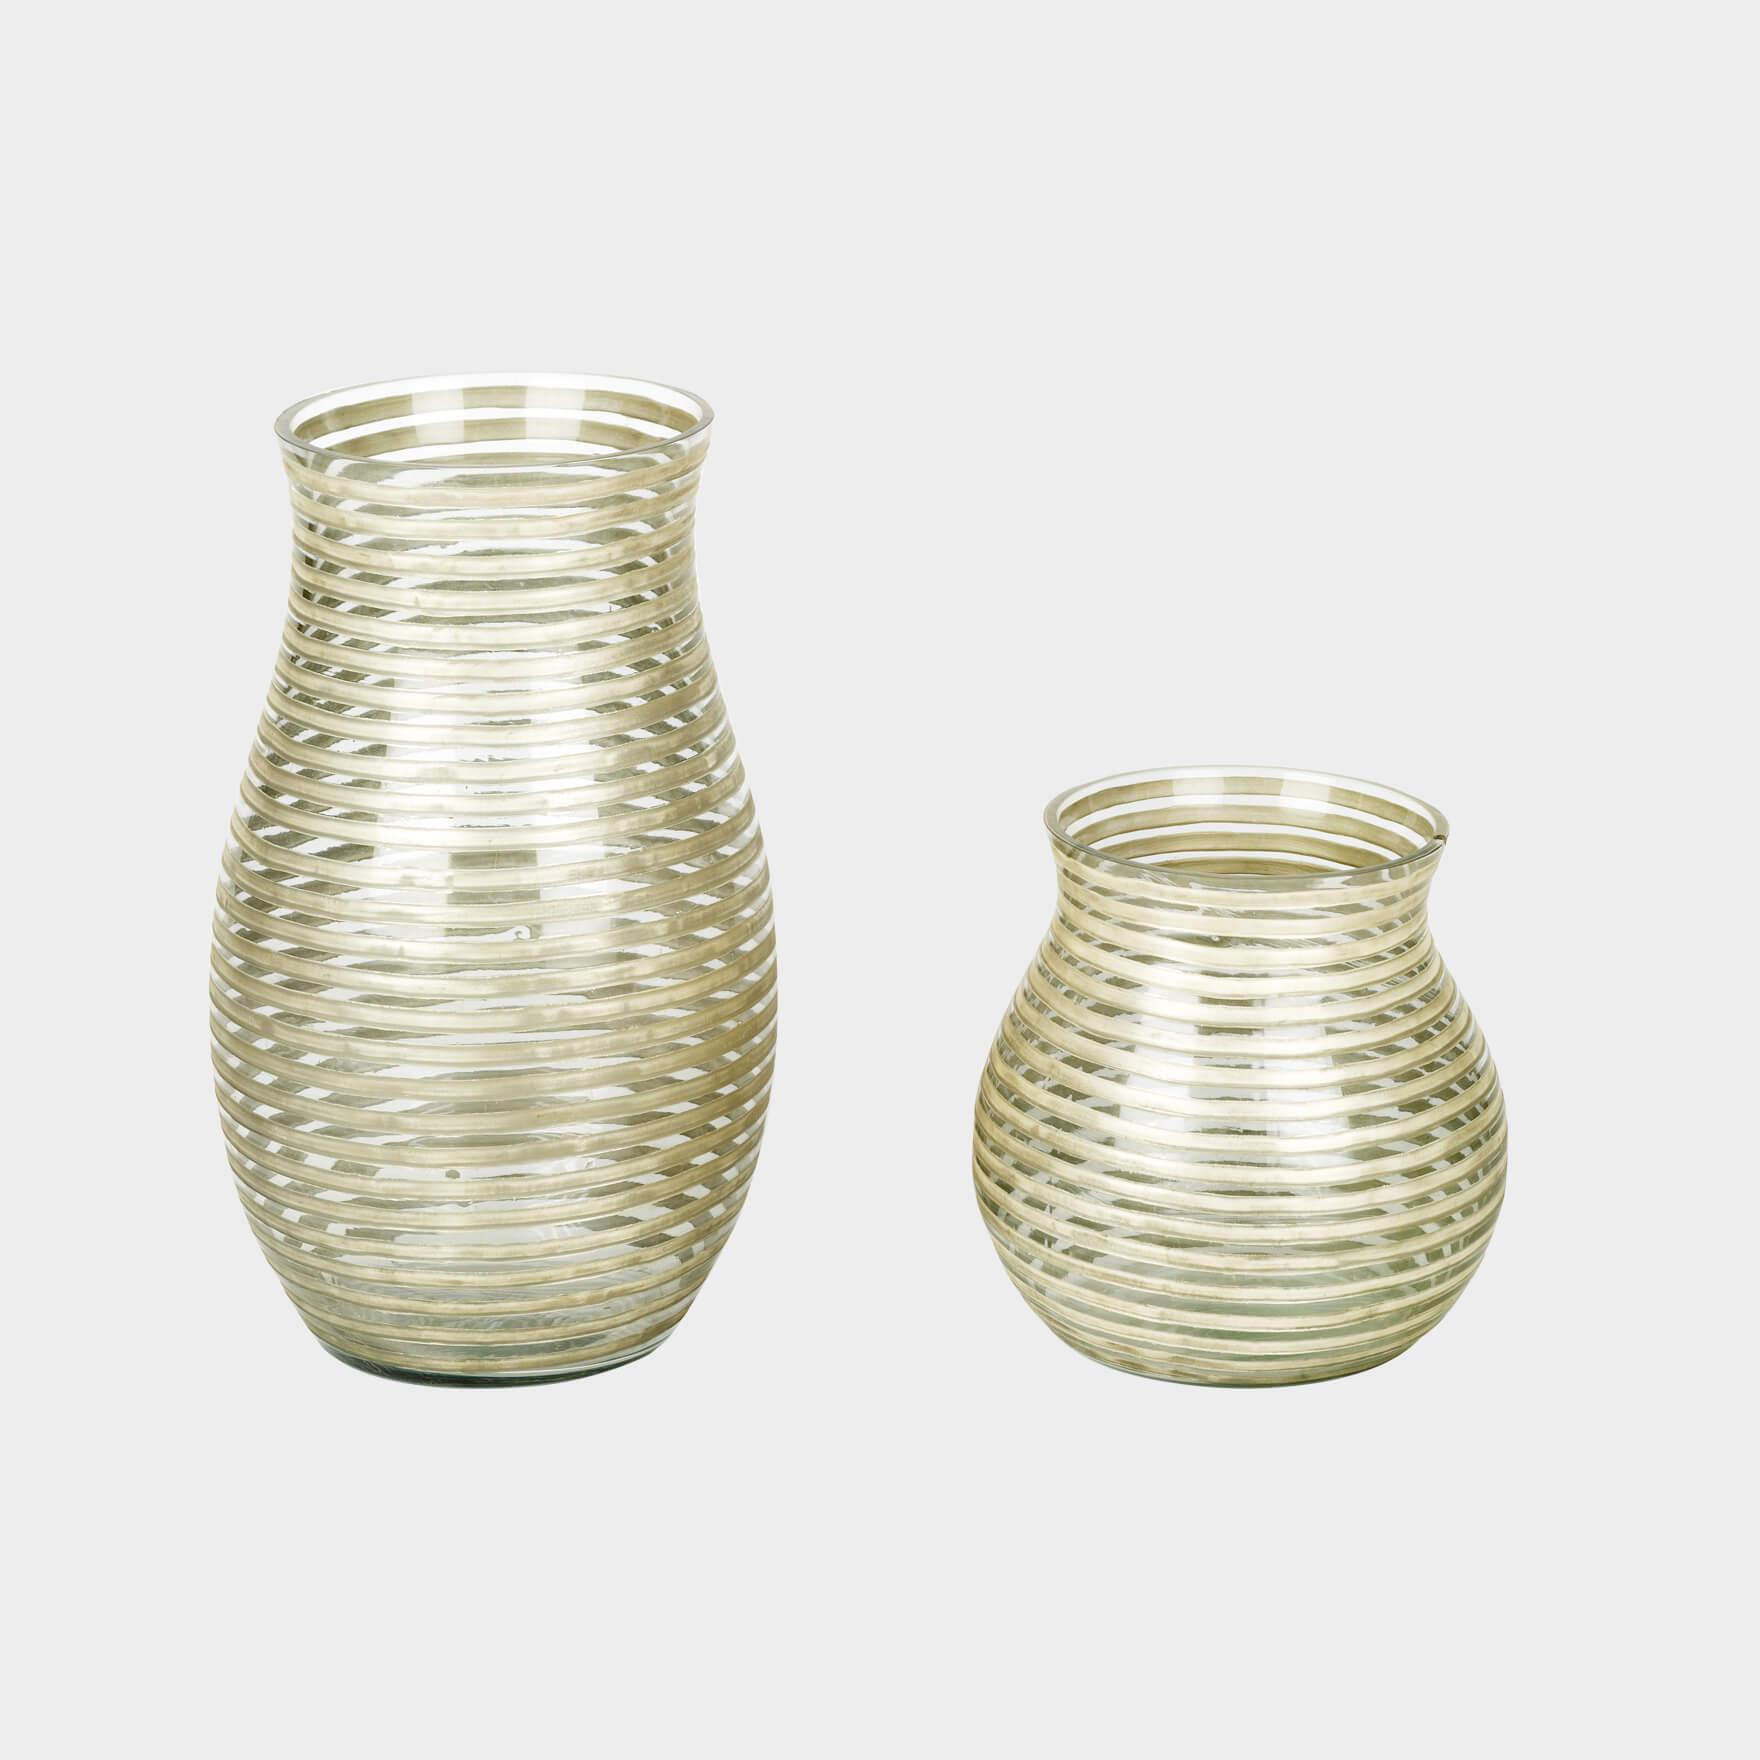 Bodenvase Kaufen Deko Vasen Bodenvasen Zawoh